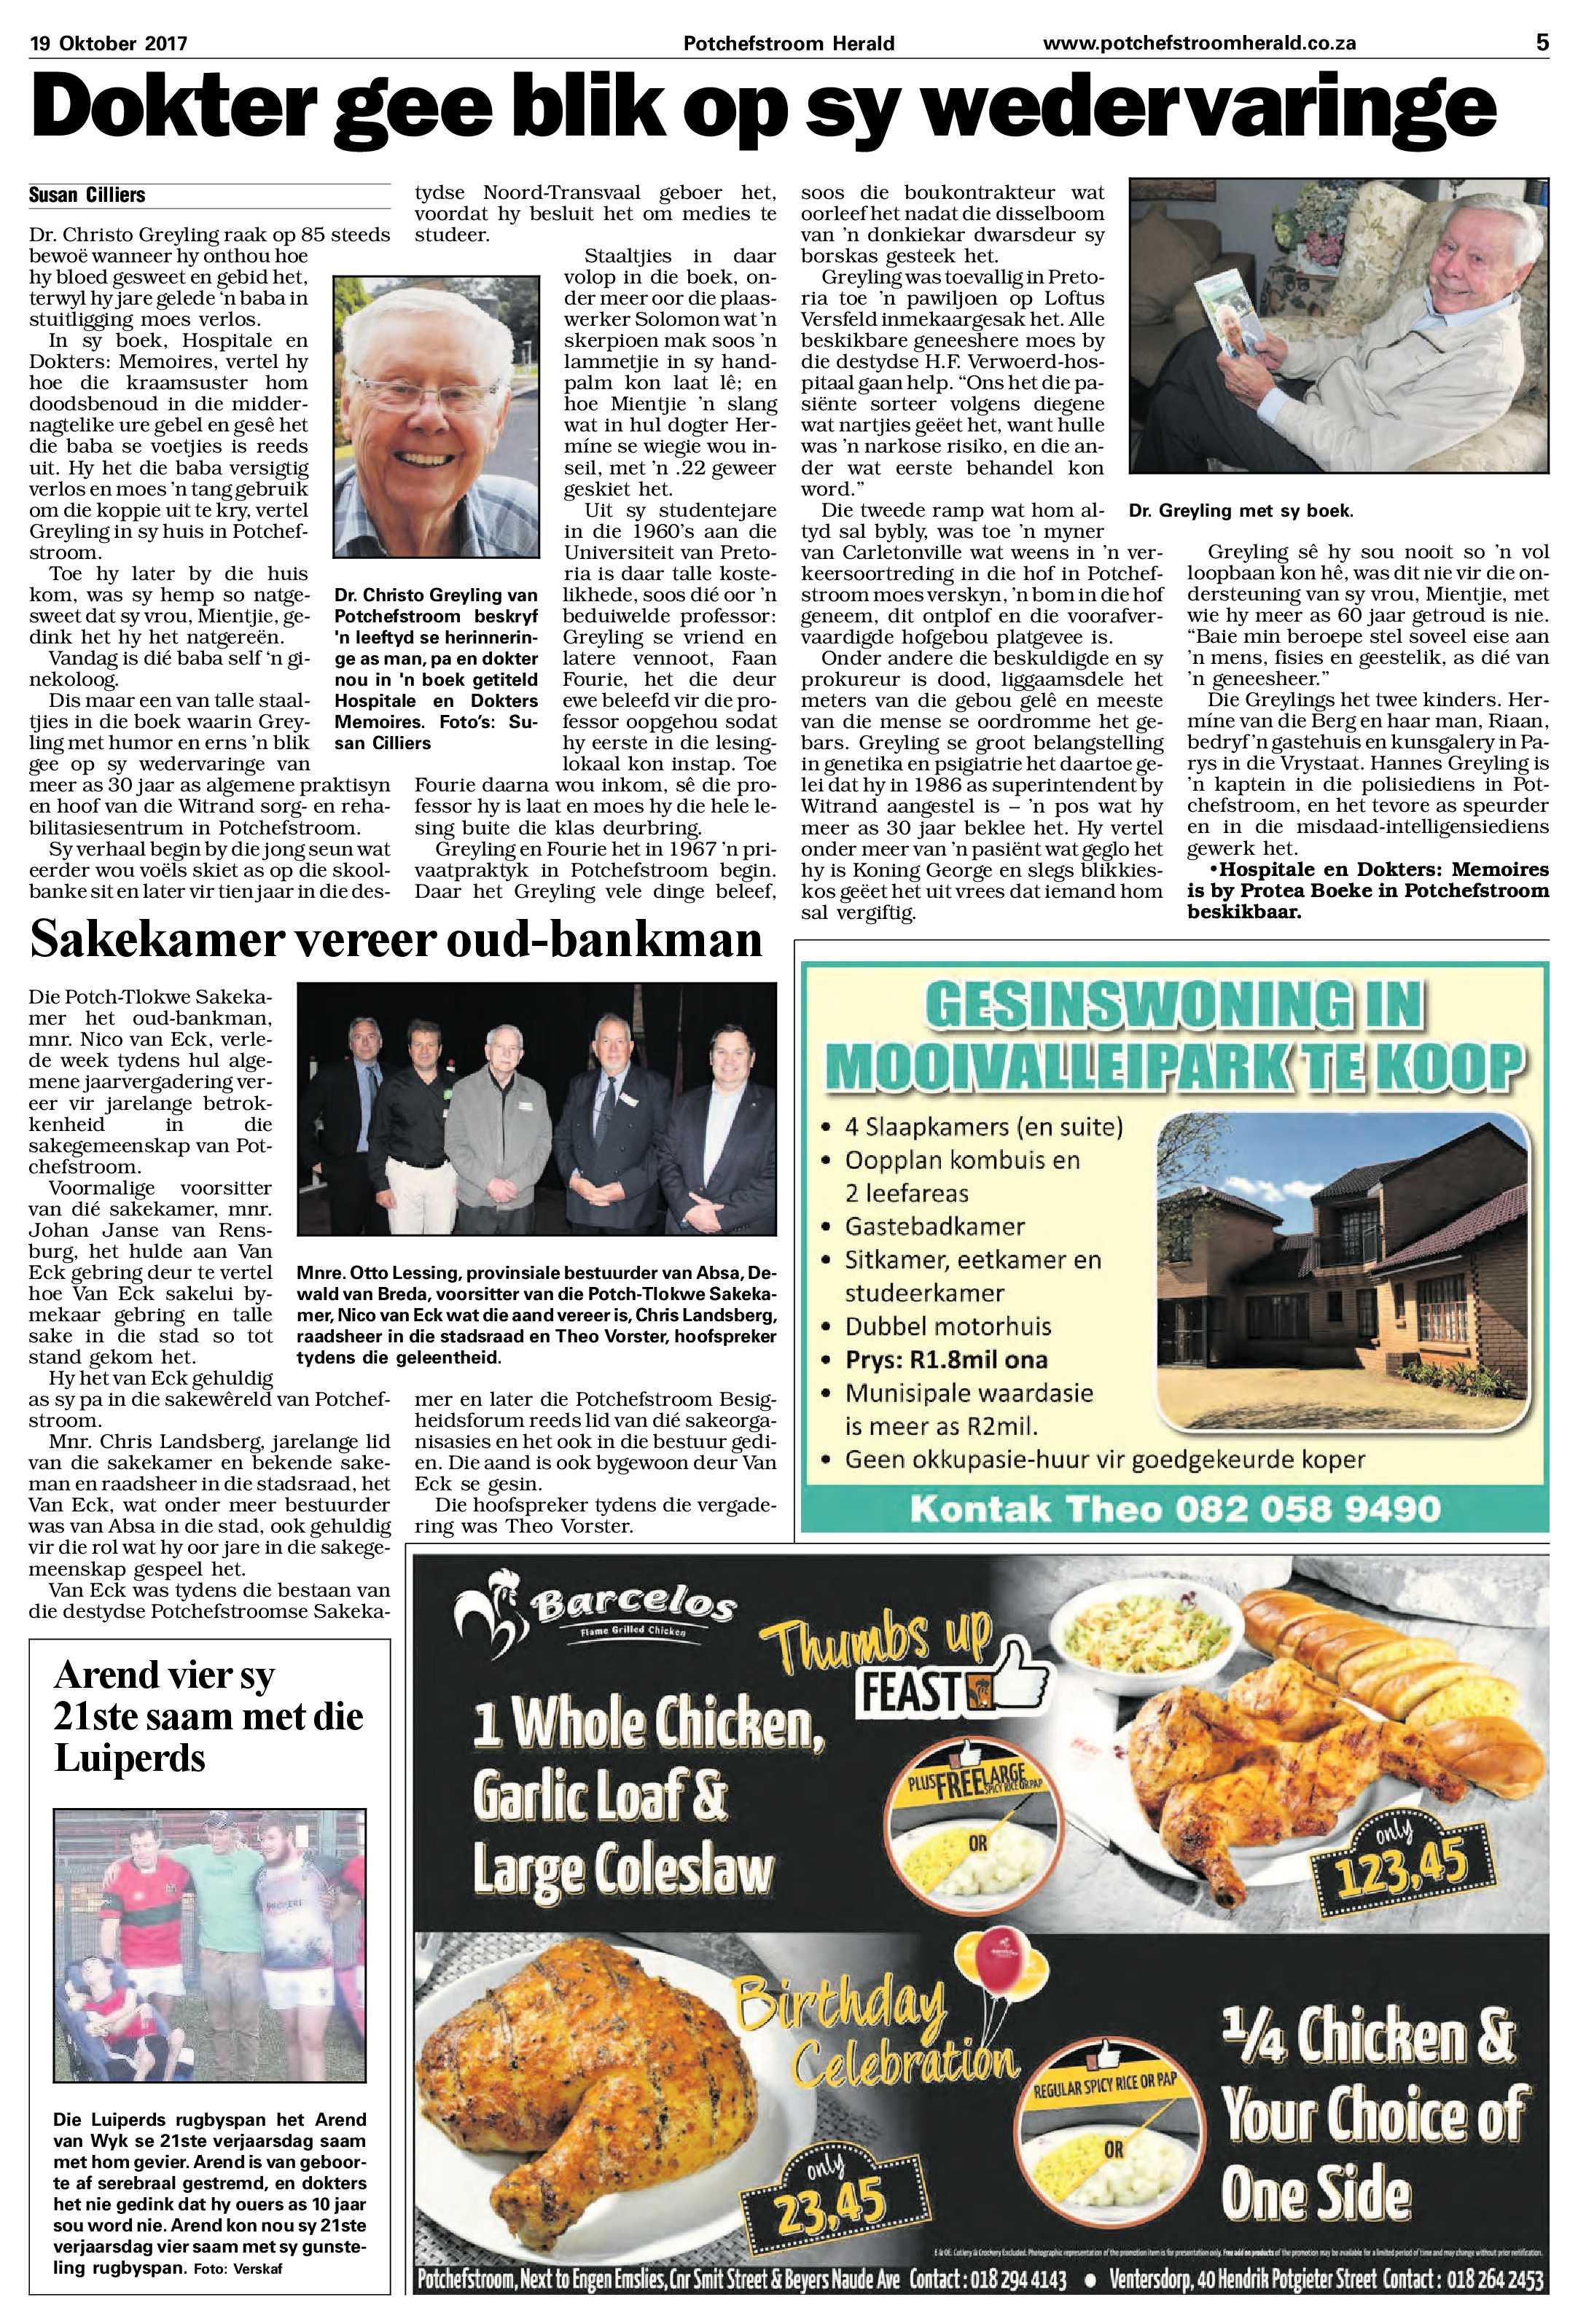 19-oktober-2017-epapers-page-5